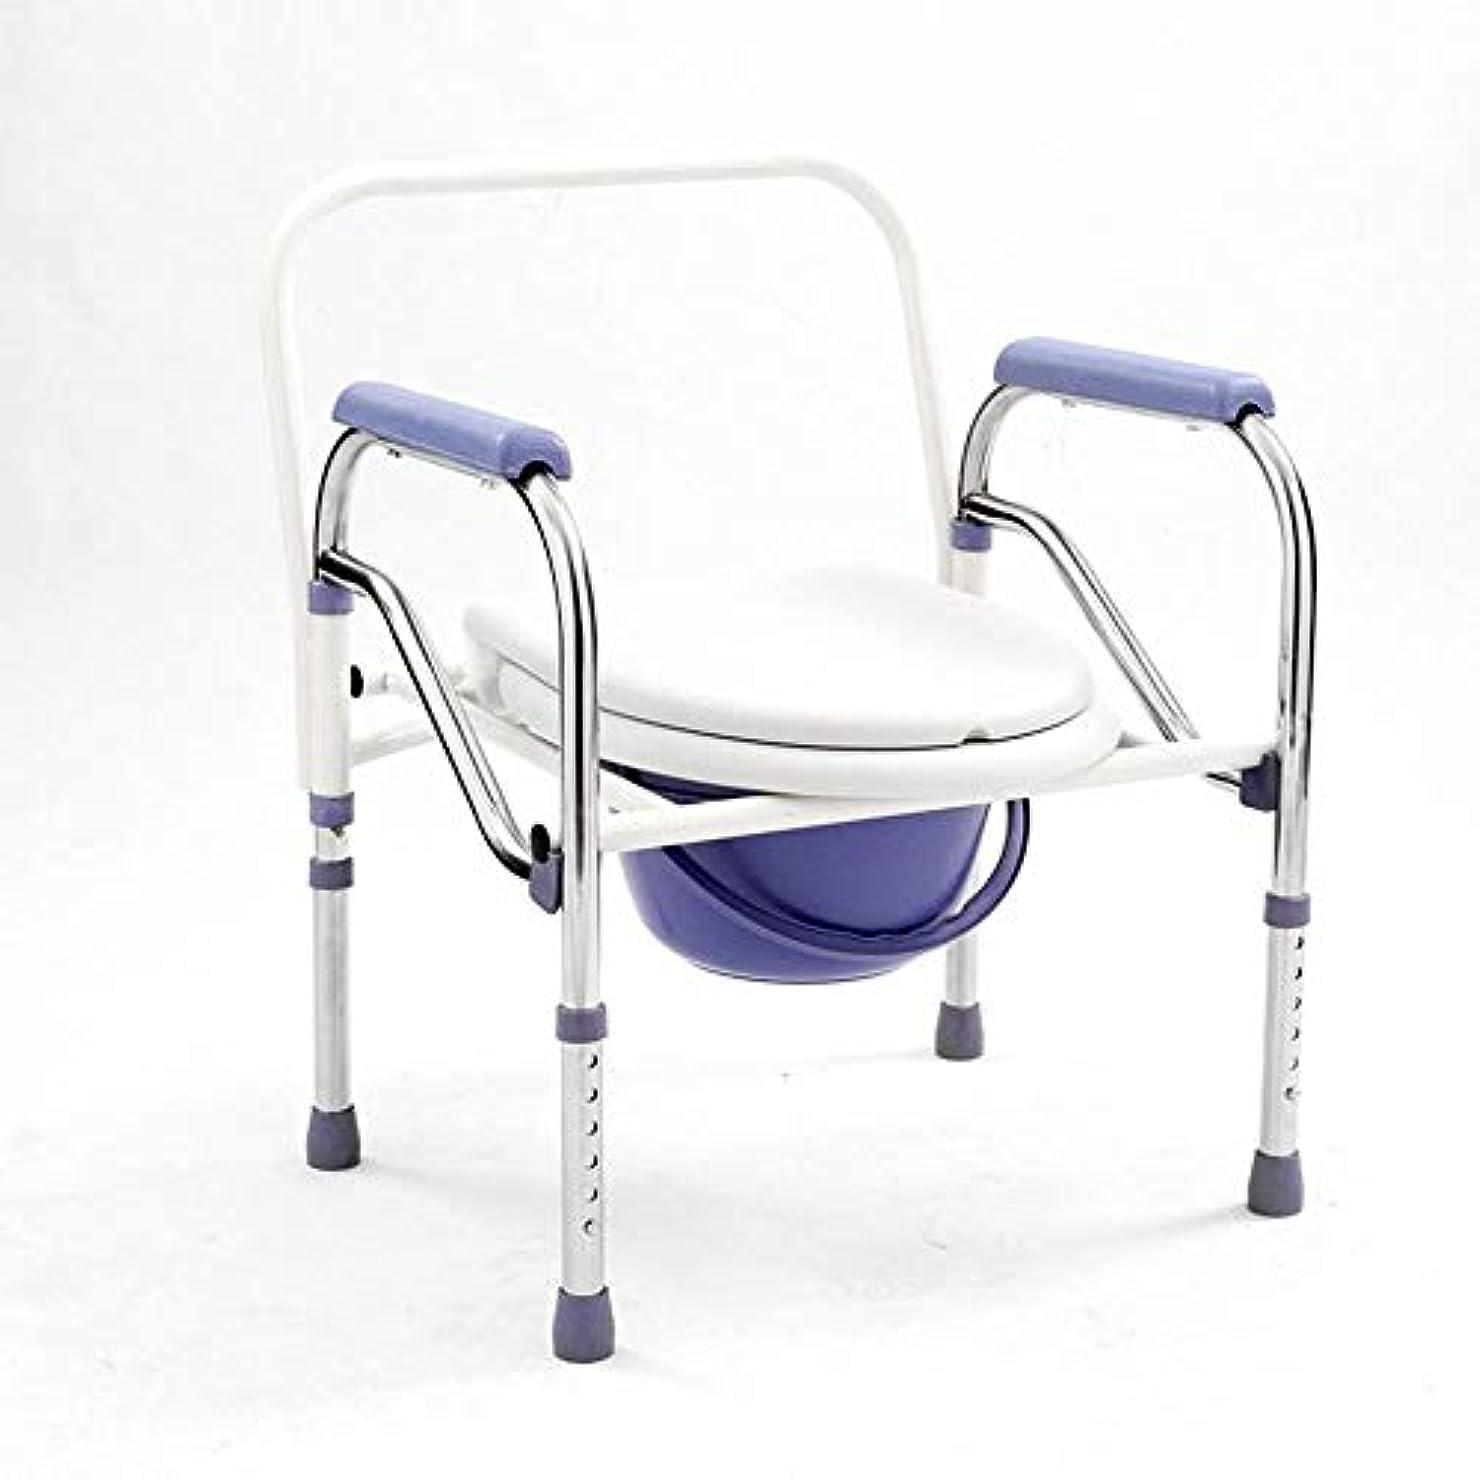 建てるダイジェスト大人高齢者の歩行者のための多機能便器椅子、折りたたみ軽量便器椅子